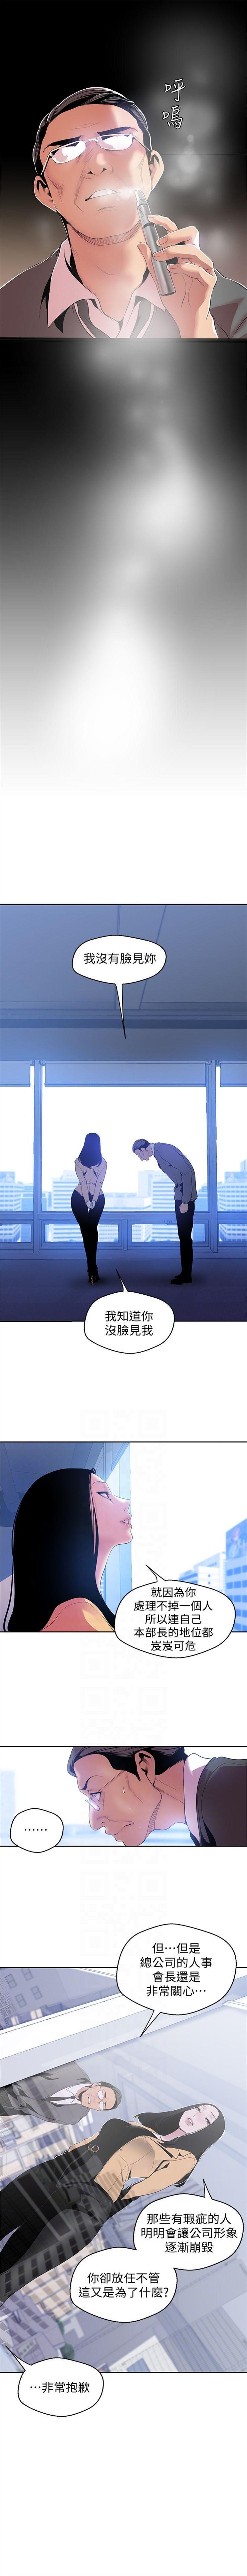 (週1)美麗新世界 1-70 中文翻譯 (更新中) 436